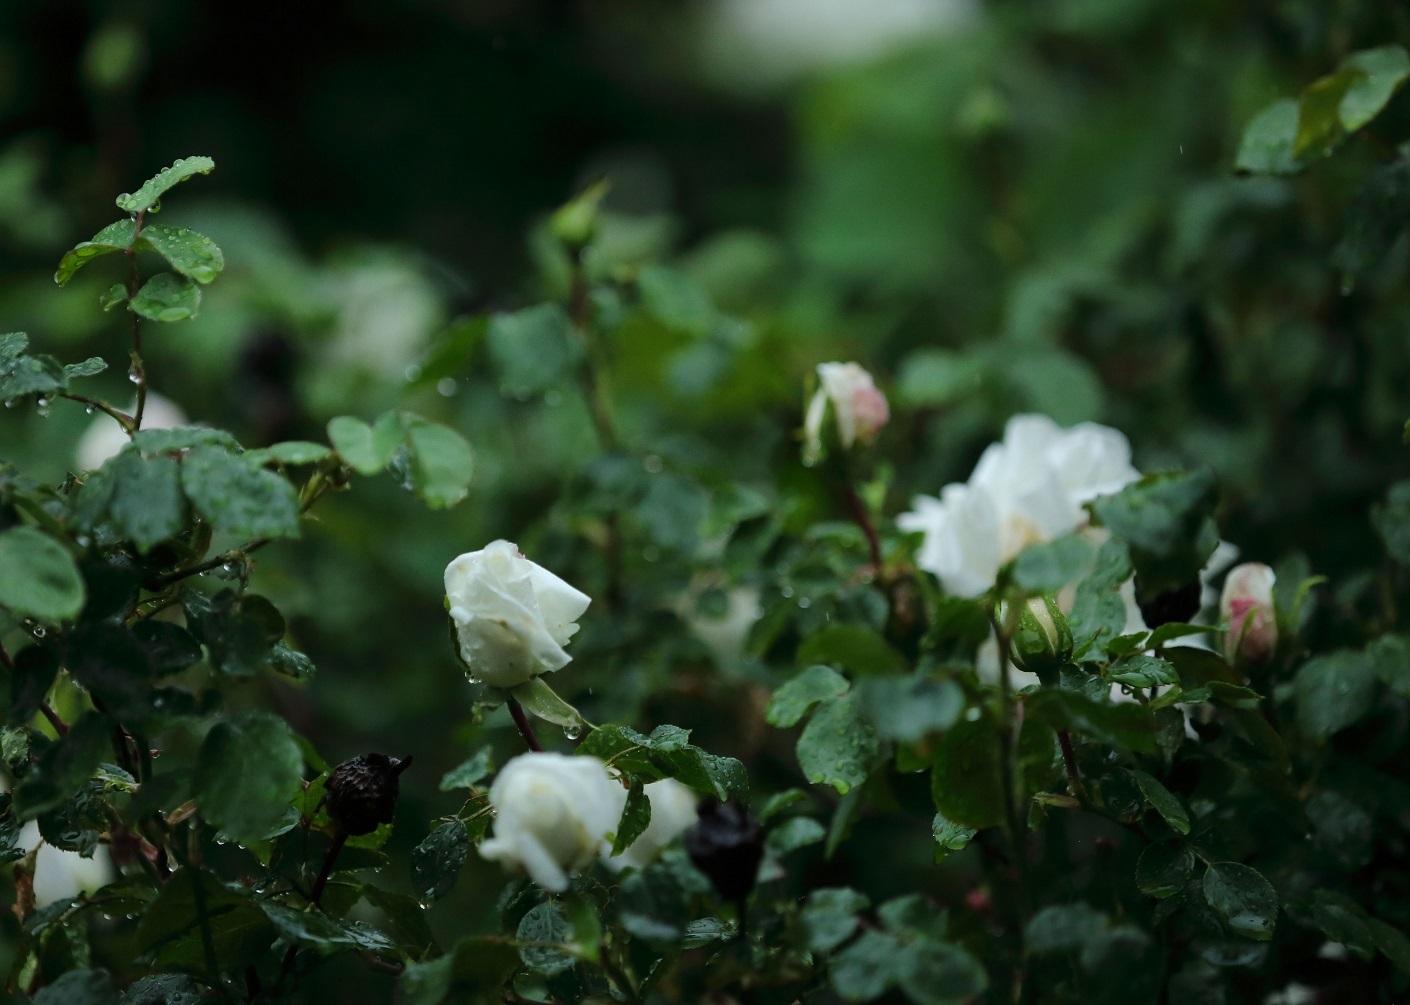 2017 5 13 白雪 雨の中のバラ ブログ用.jpg